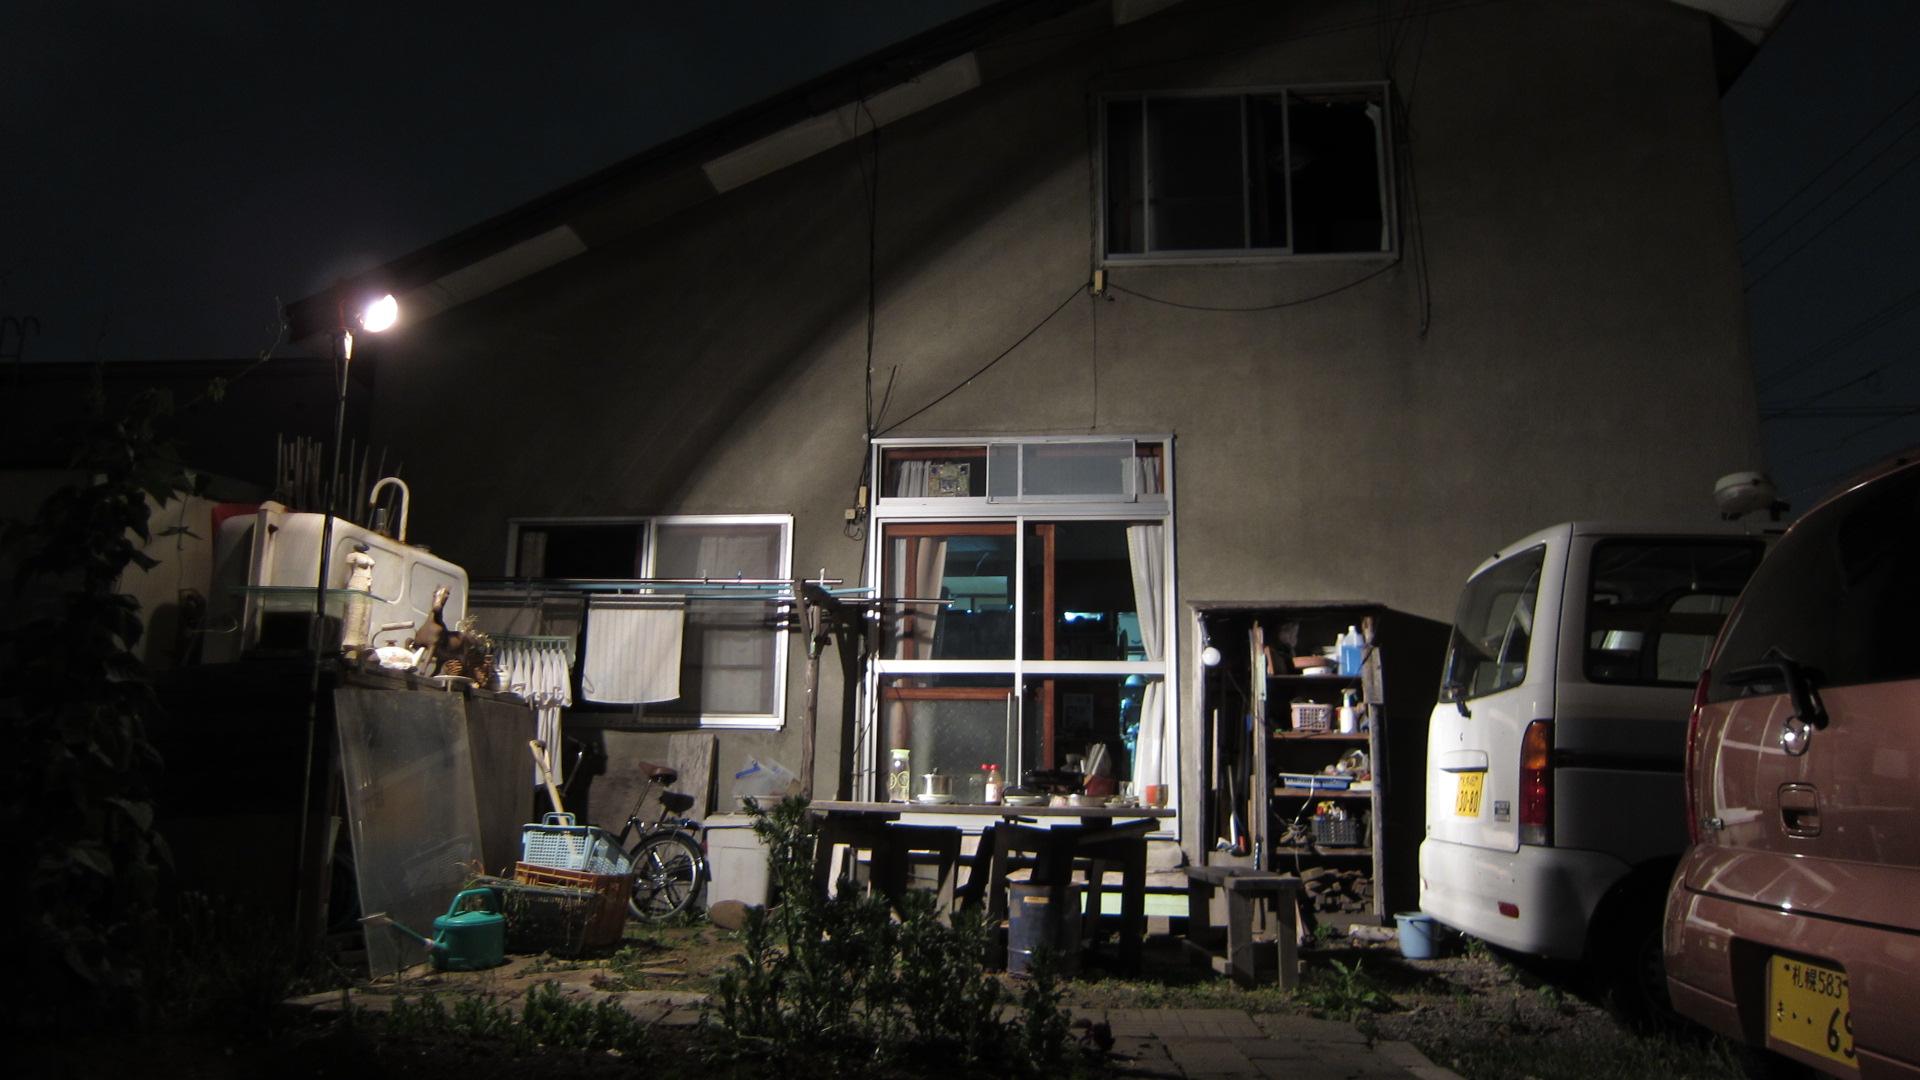 2416)「昨夜は庭で夕食をした。2014年7月17日(木)」_f0126829_16595183.jpg